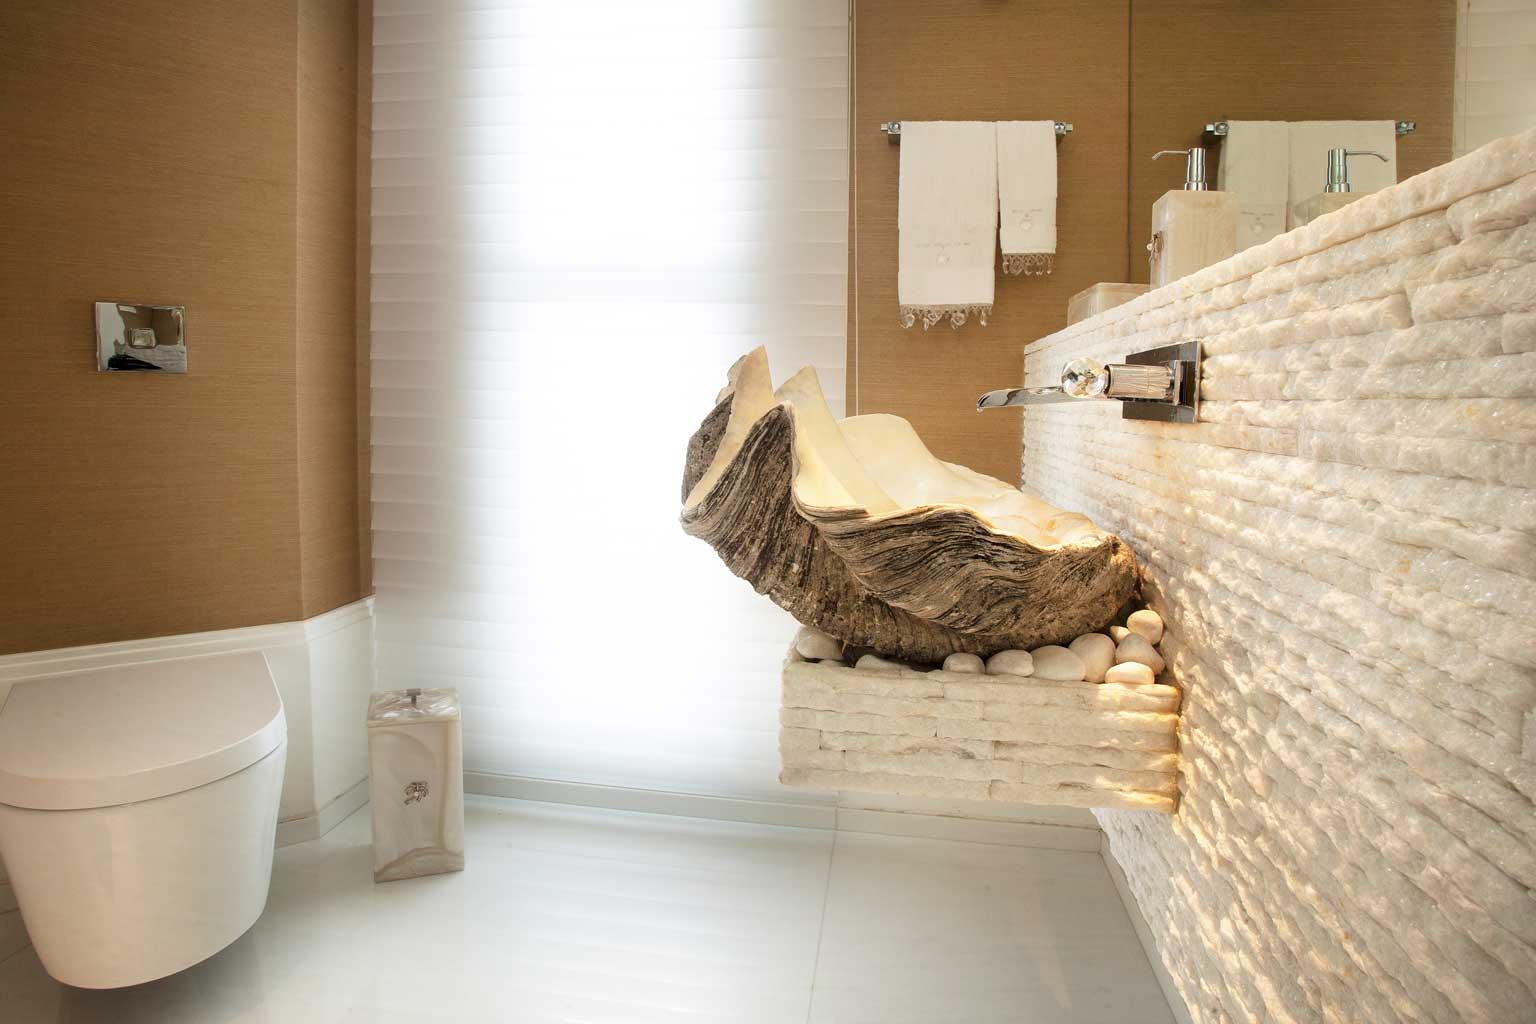 Lavabo com com bacia suspensa. Destaque para a cuba de concha (com 400  #694A28 1536x1024 Banheiro Bege Com Vaso Preto